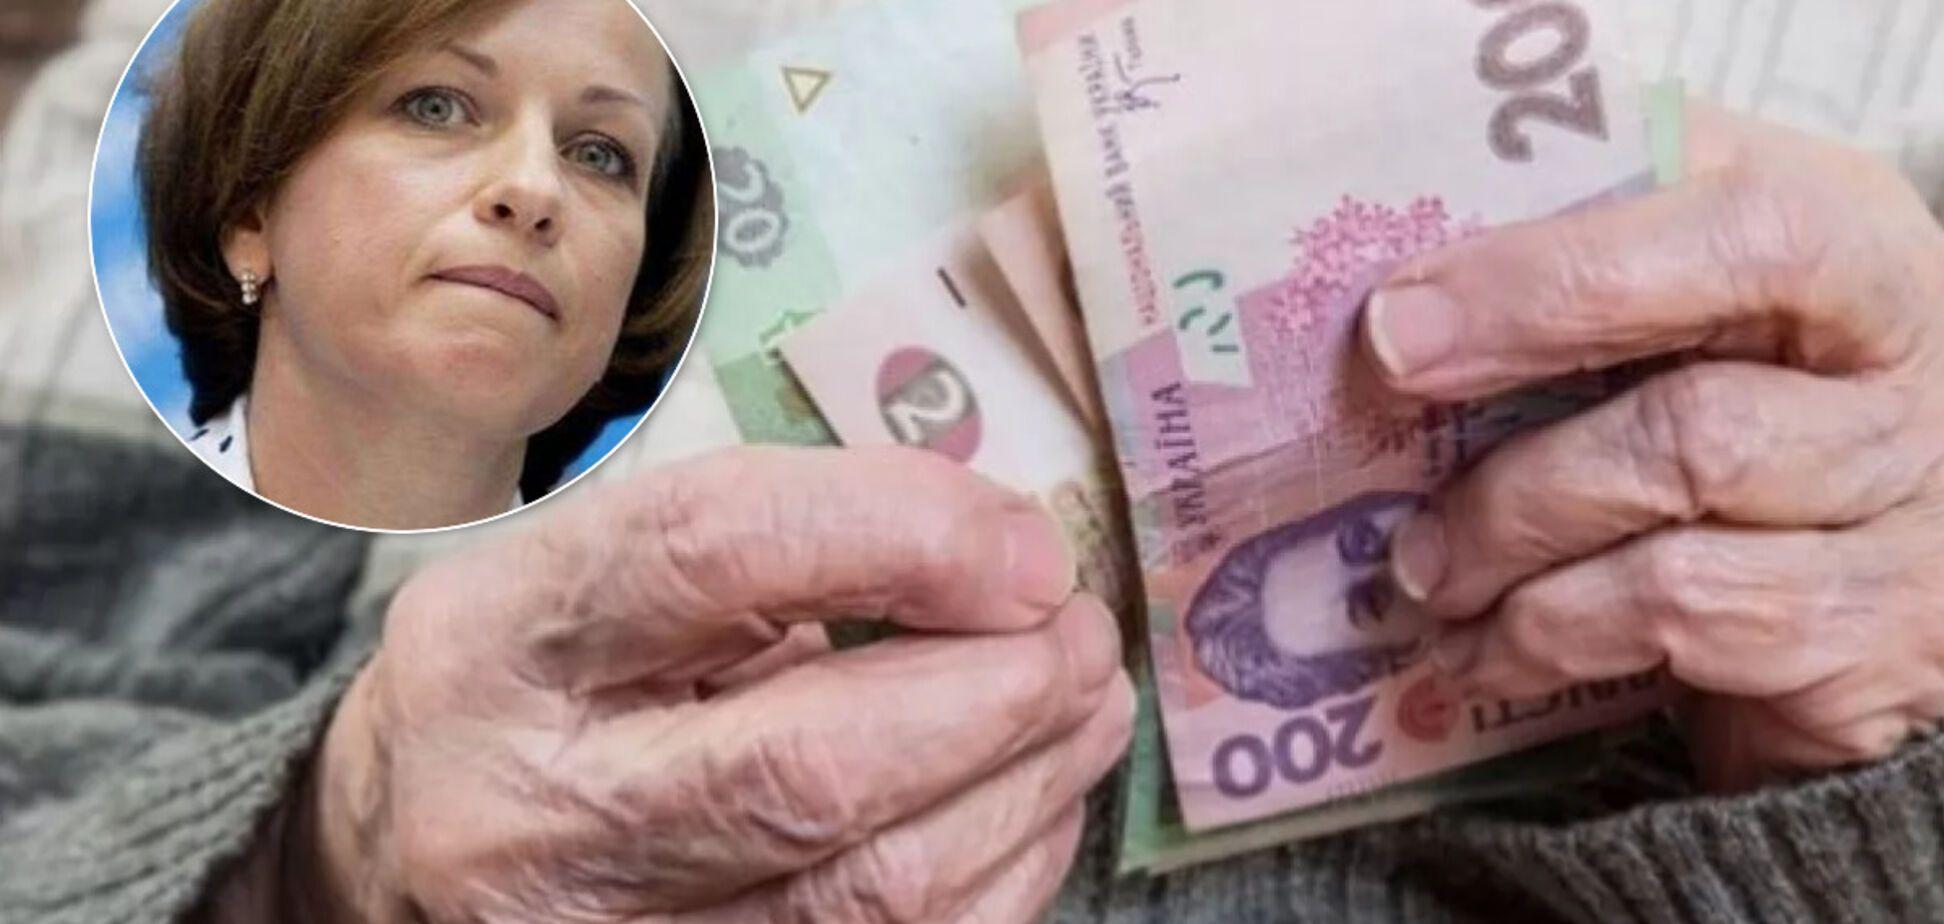 Украинцам на время карантина раздадут по 3 тысячи гривен: кто и как получит помощь